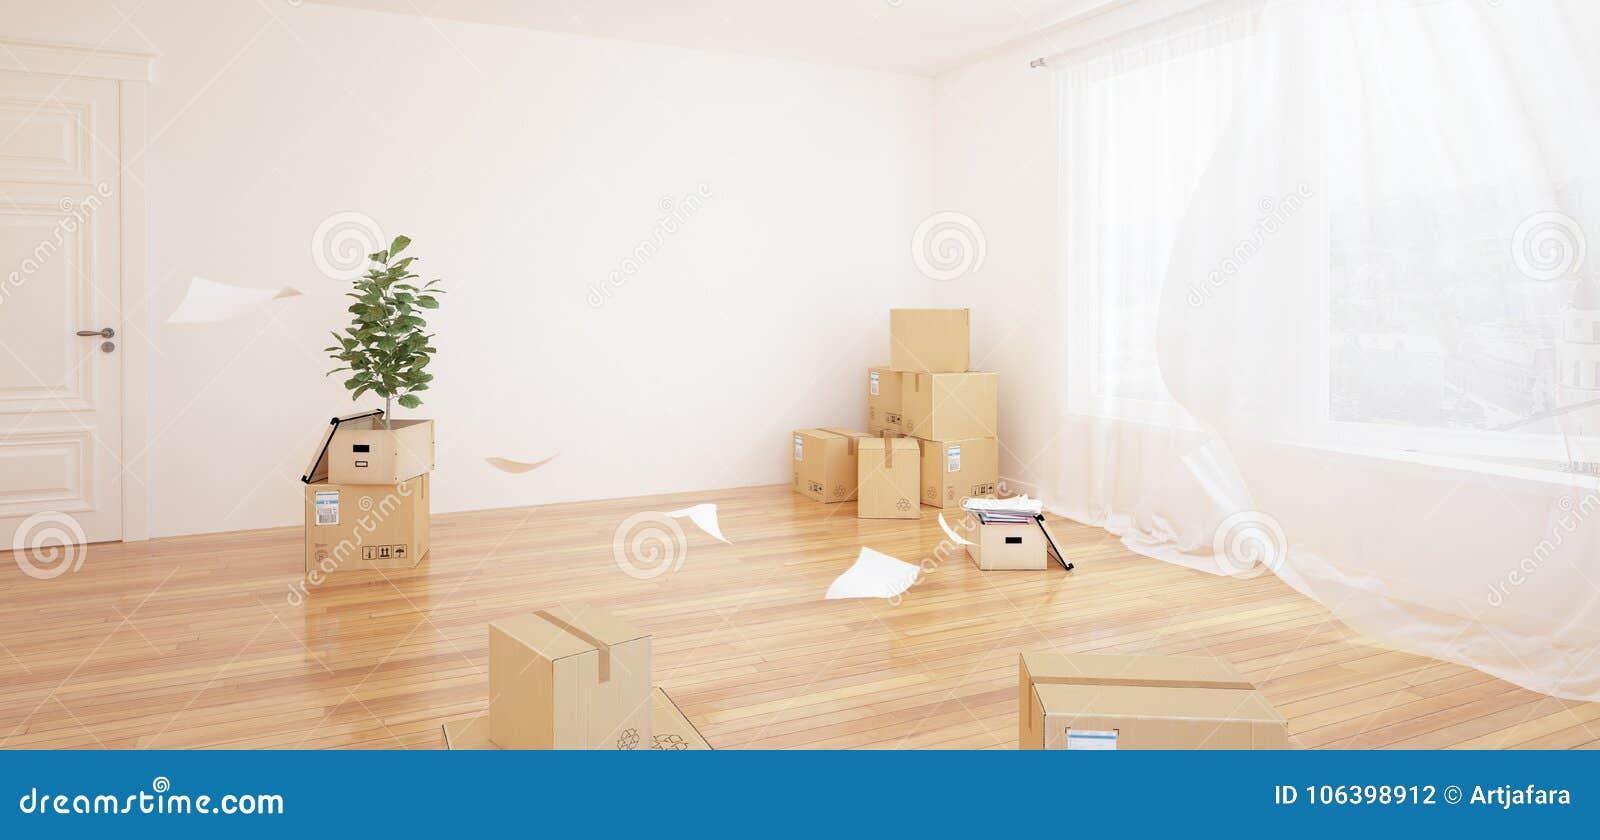 Interior con las cajas móviles en sitio blanco vacío